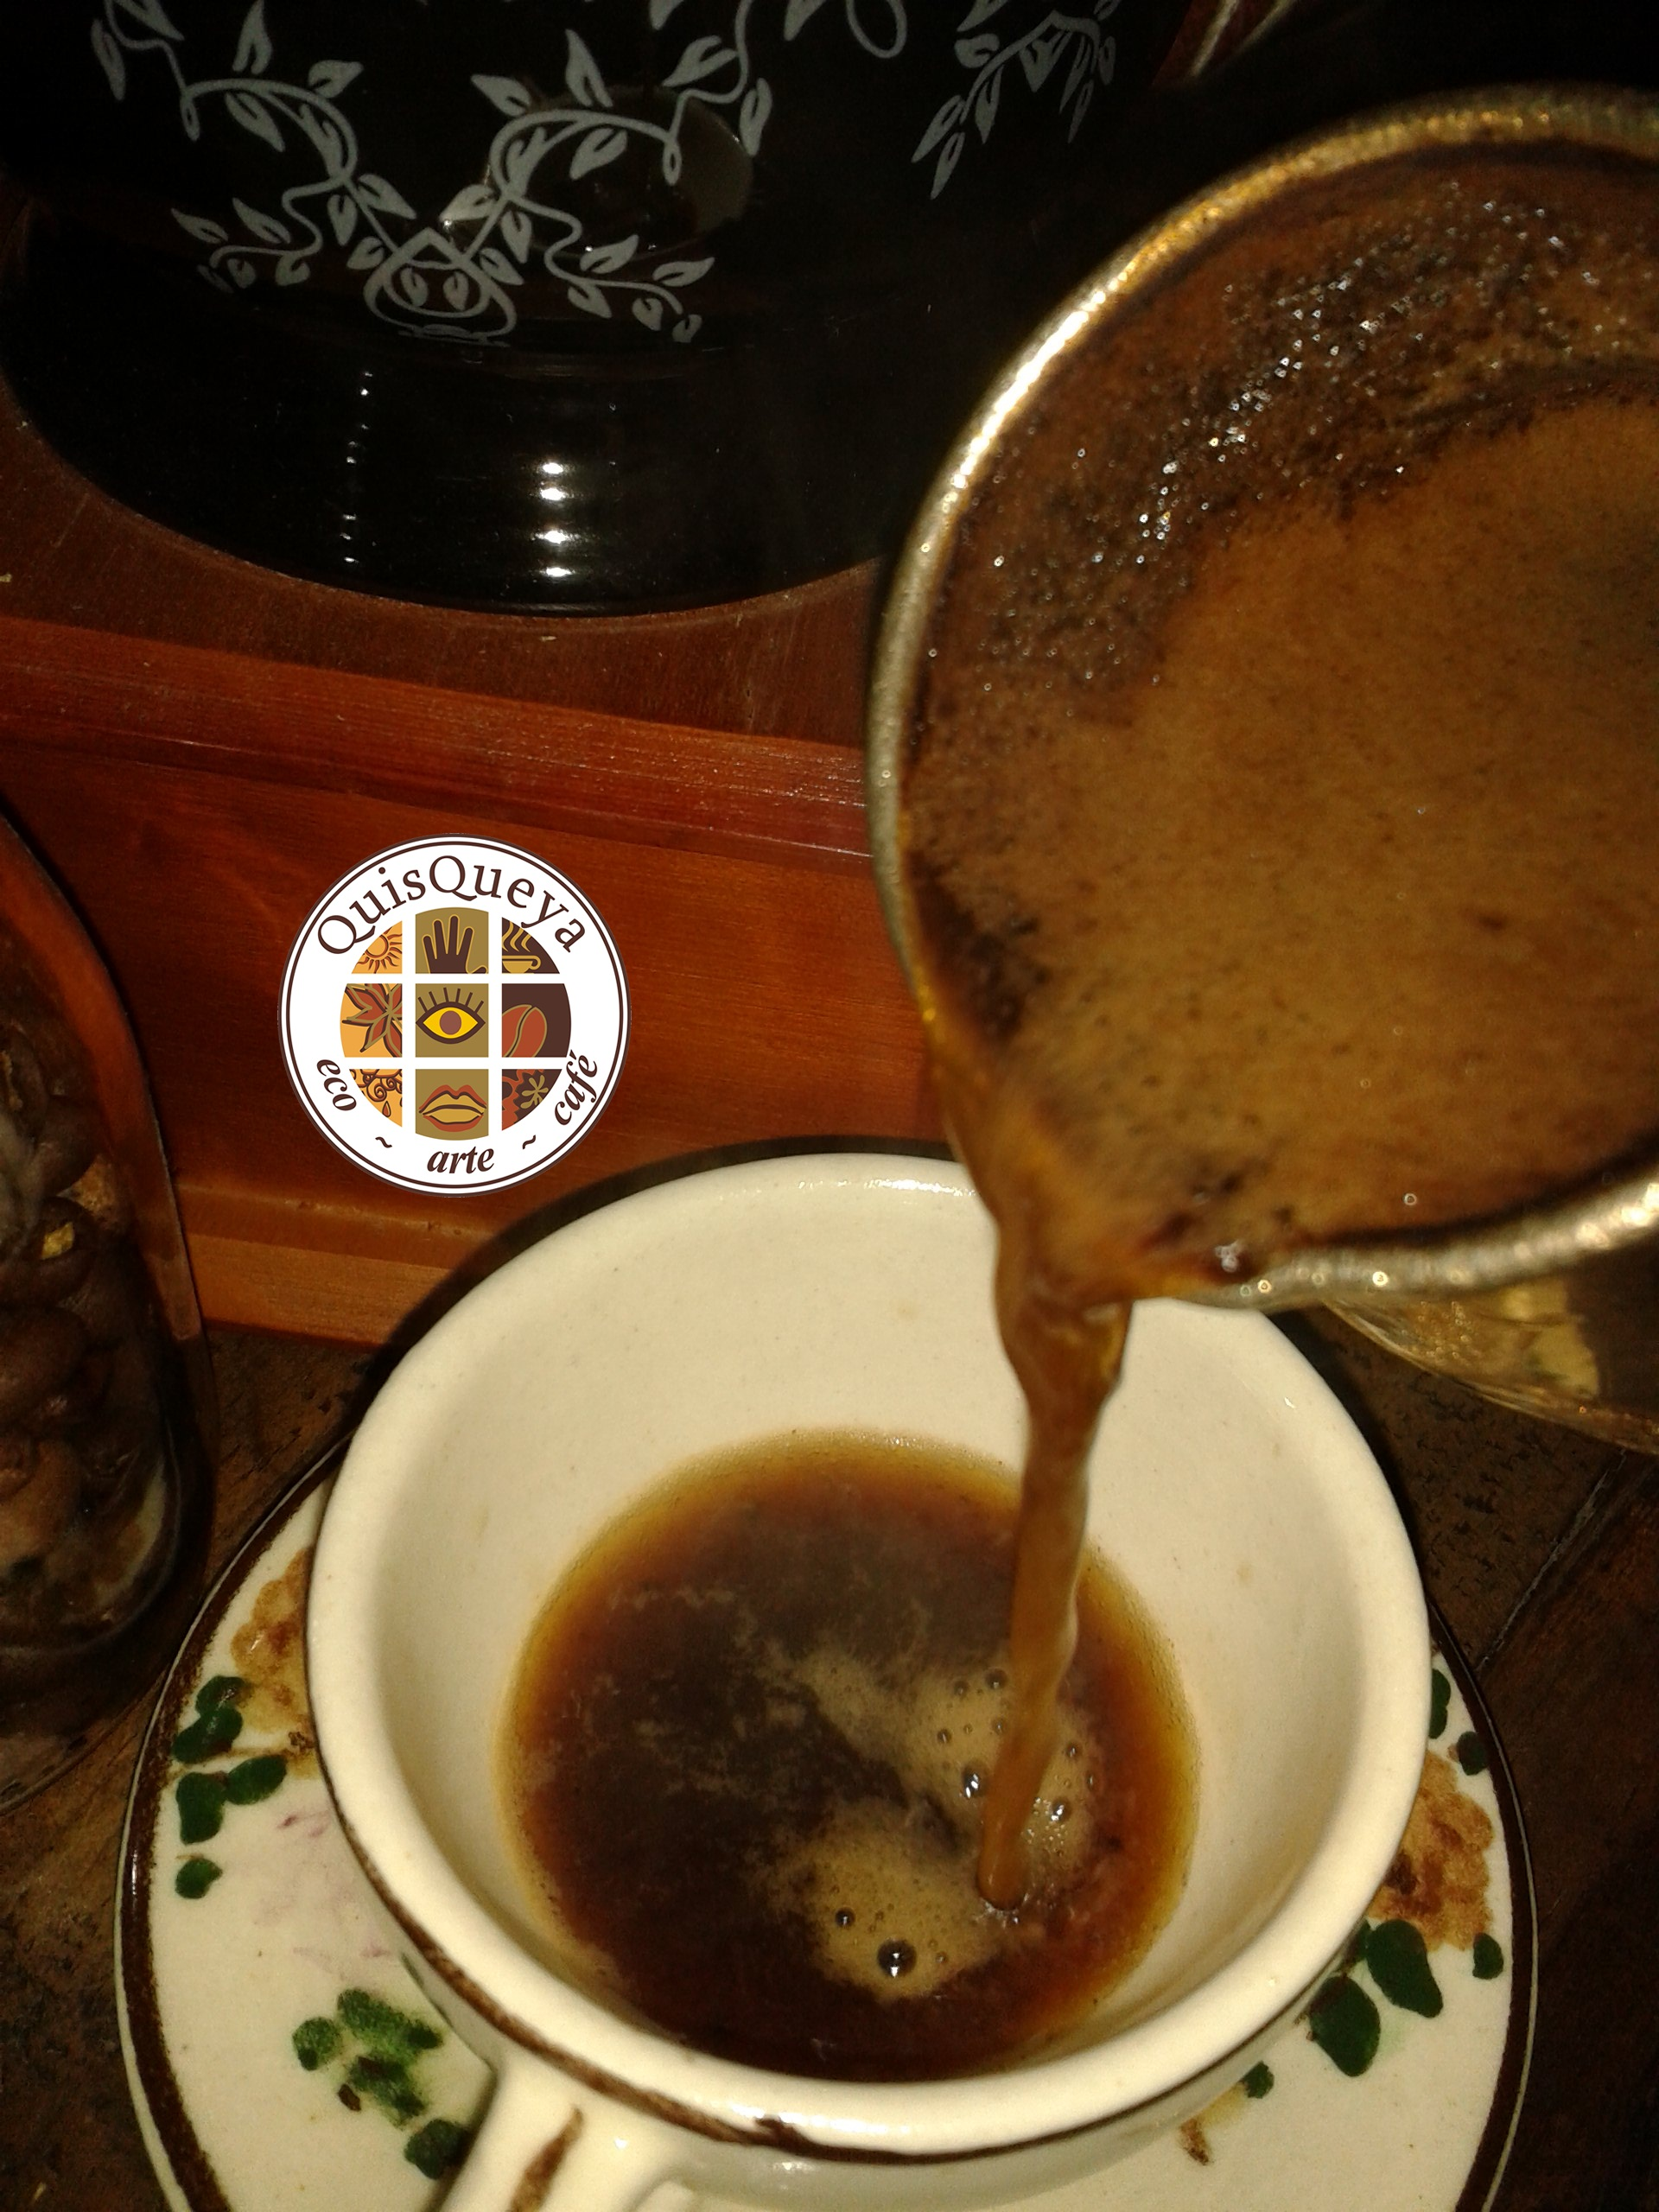 Q: café turco